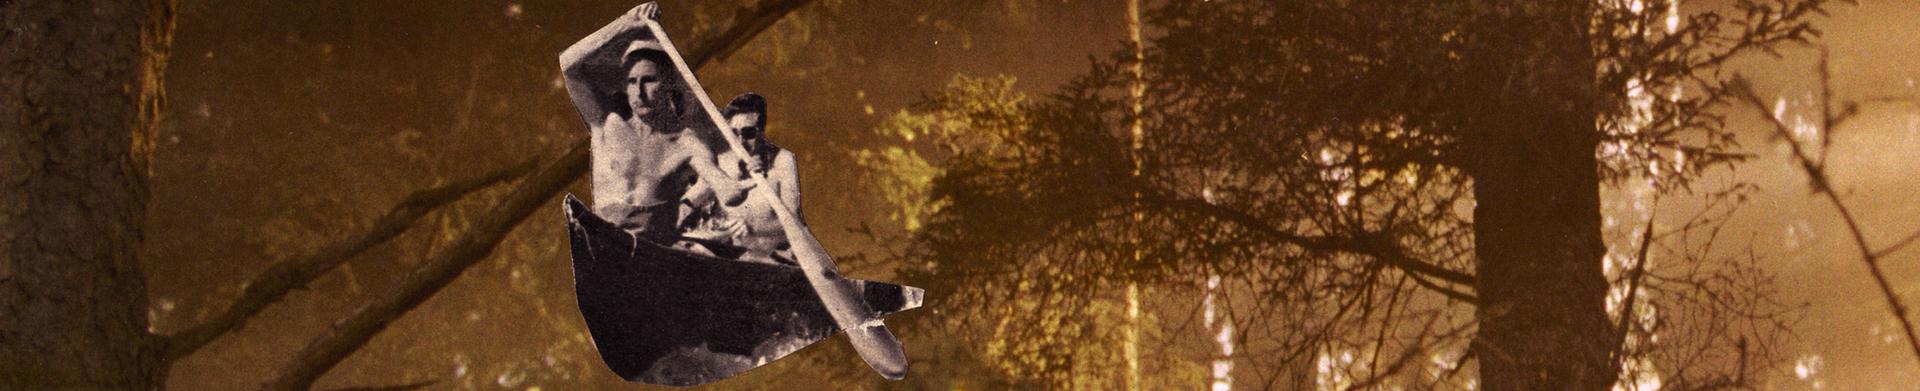 Piragua en el bosque